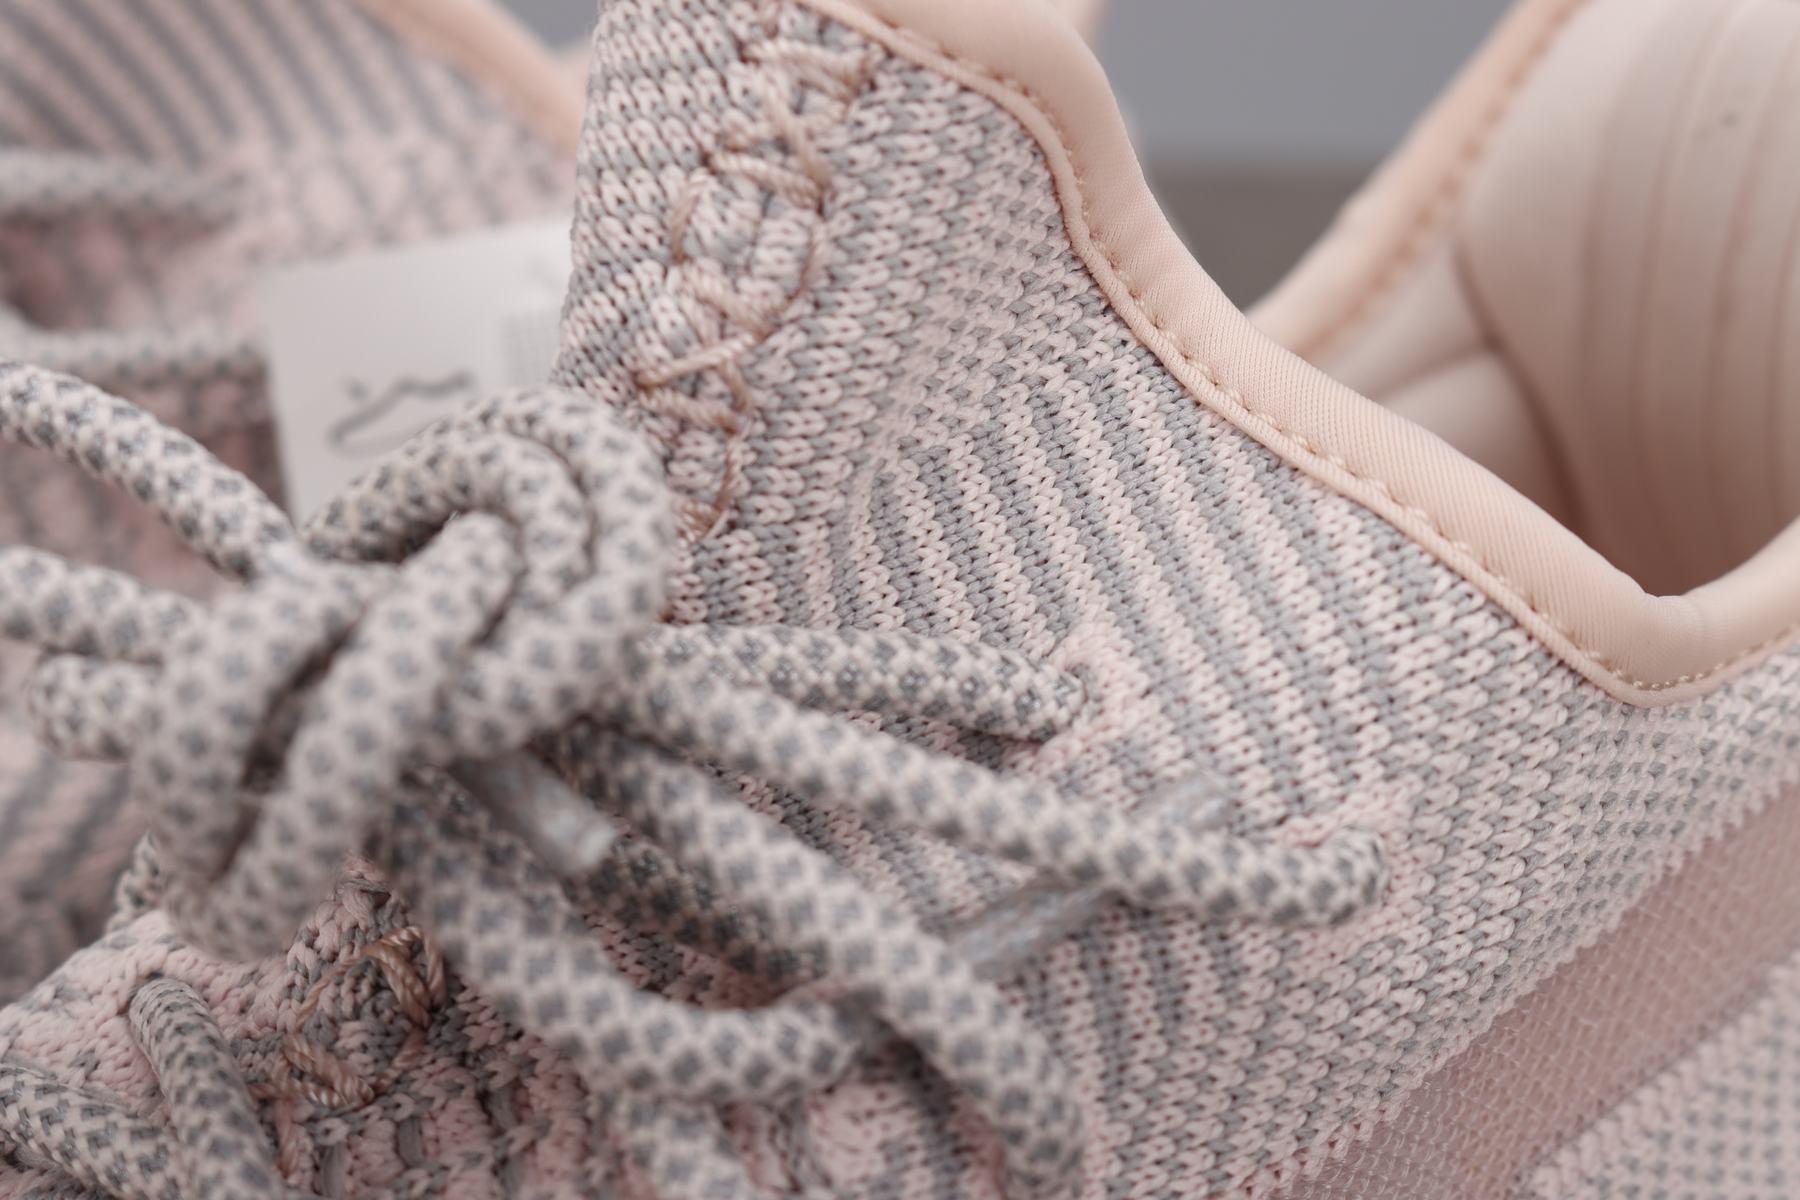 汪版椰子 BASF YEEZY Boost 350 V2 新亚洲限定 淡粉天使椰子 FV5578_河源裸鞋vans